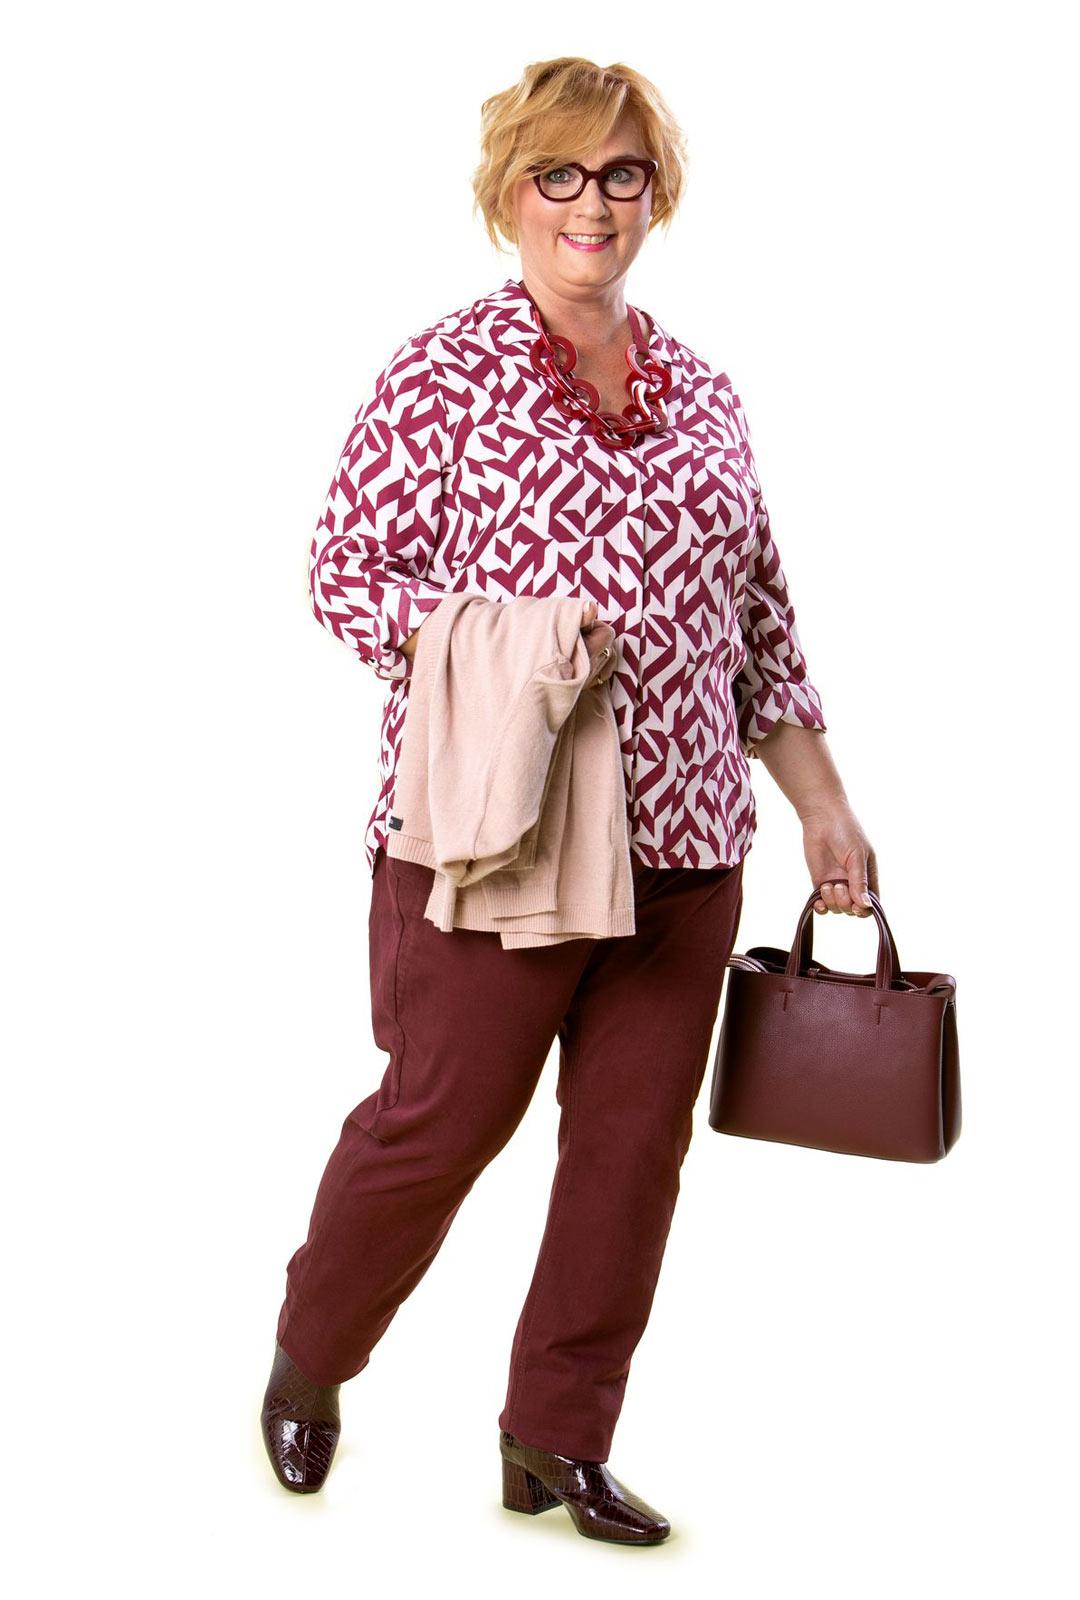 Väljä pusero peittää armollisesti keskivartalon. Korkeavyötäröiset farkut ja suorat lahkeet sopivat A-vartalolle.